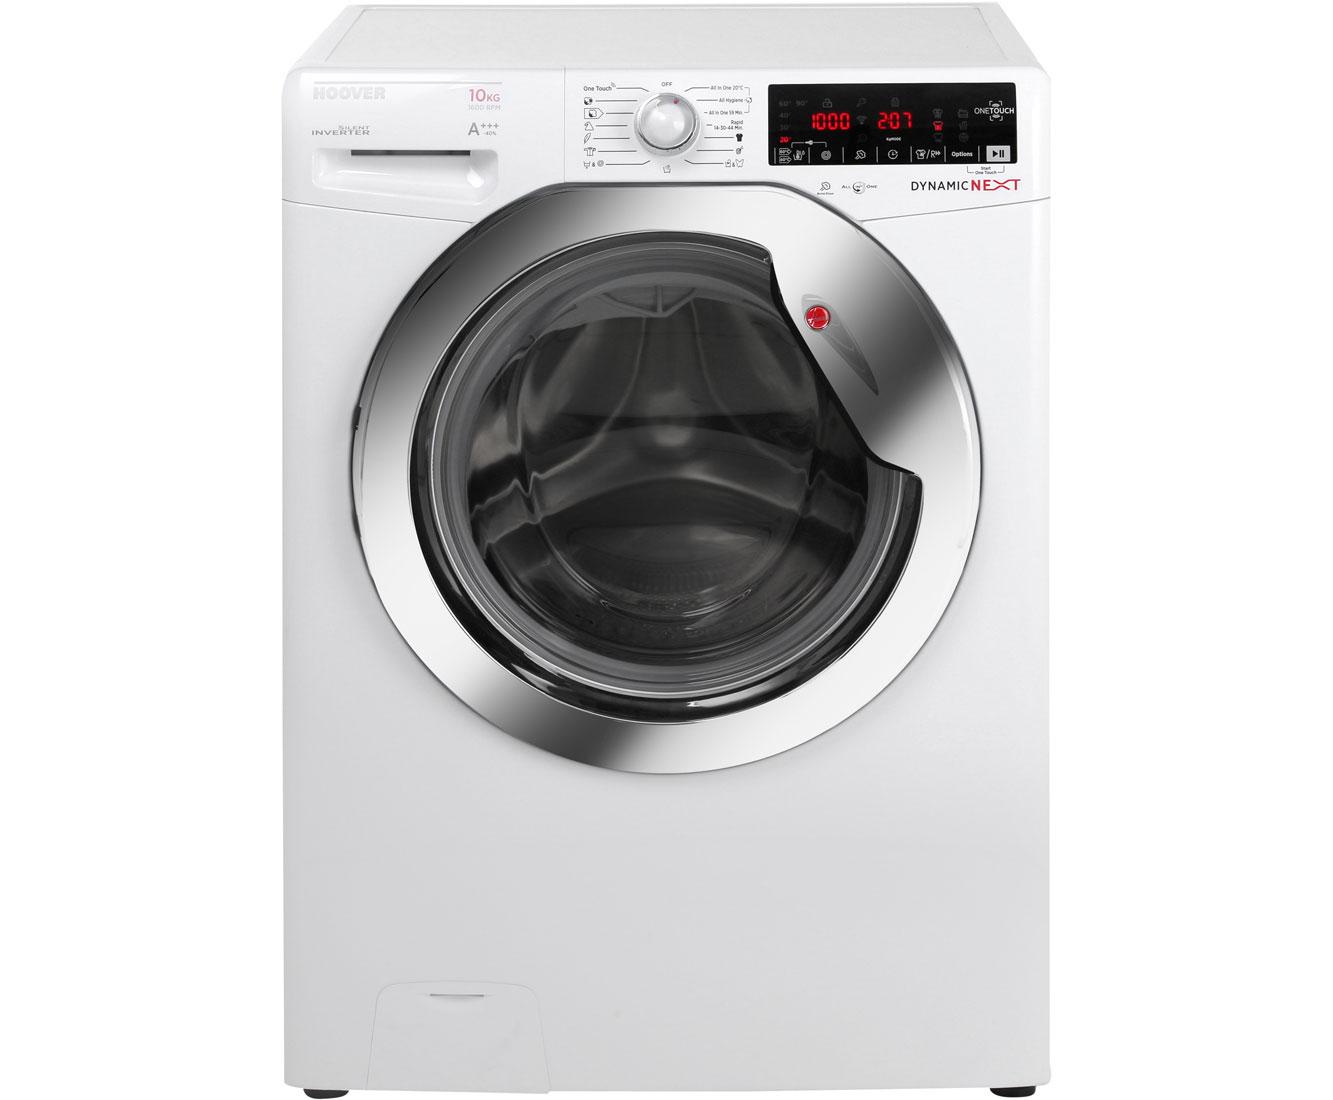 Waschmaschine Trockner Waschtrockner Aktion von Hoover auf AO.de